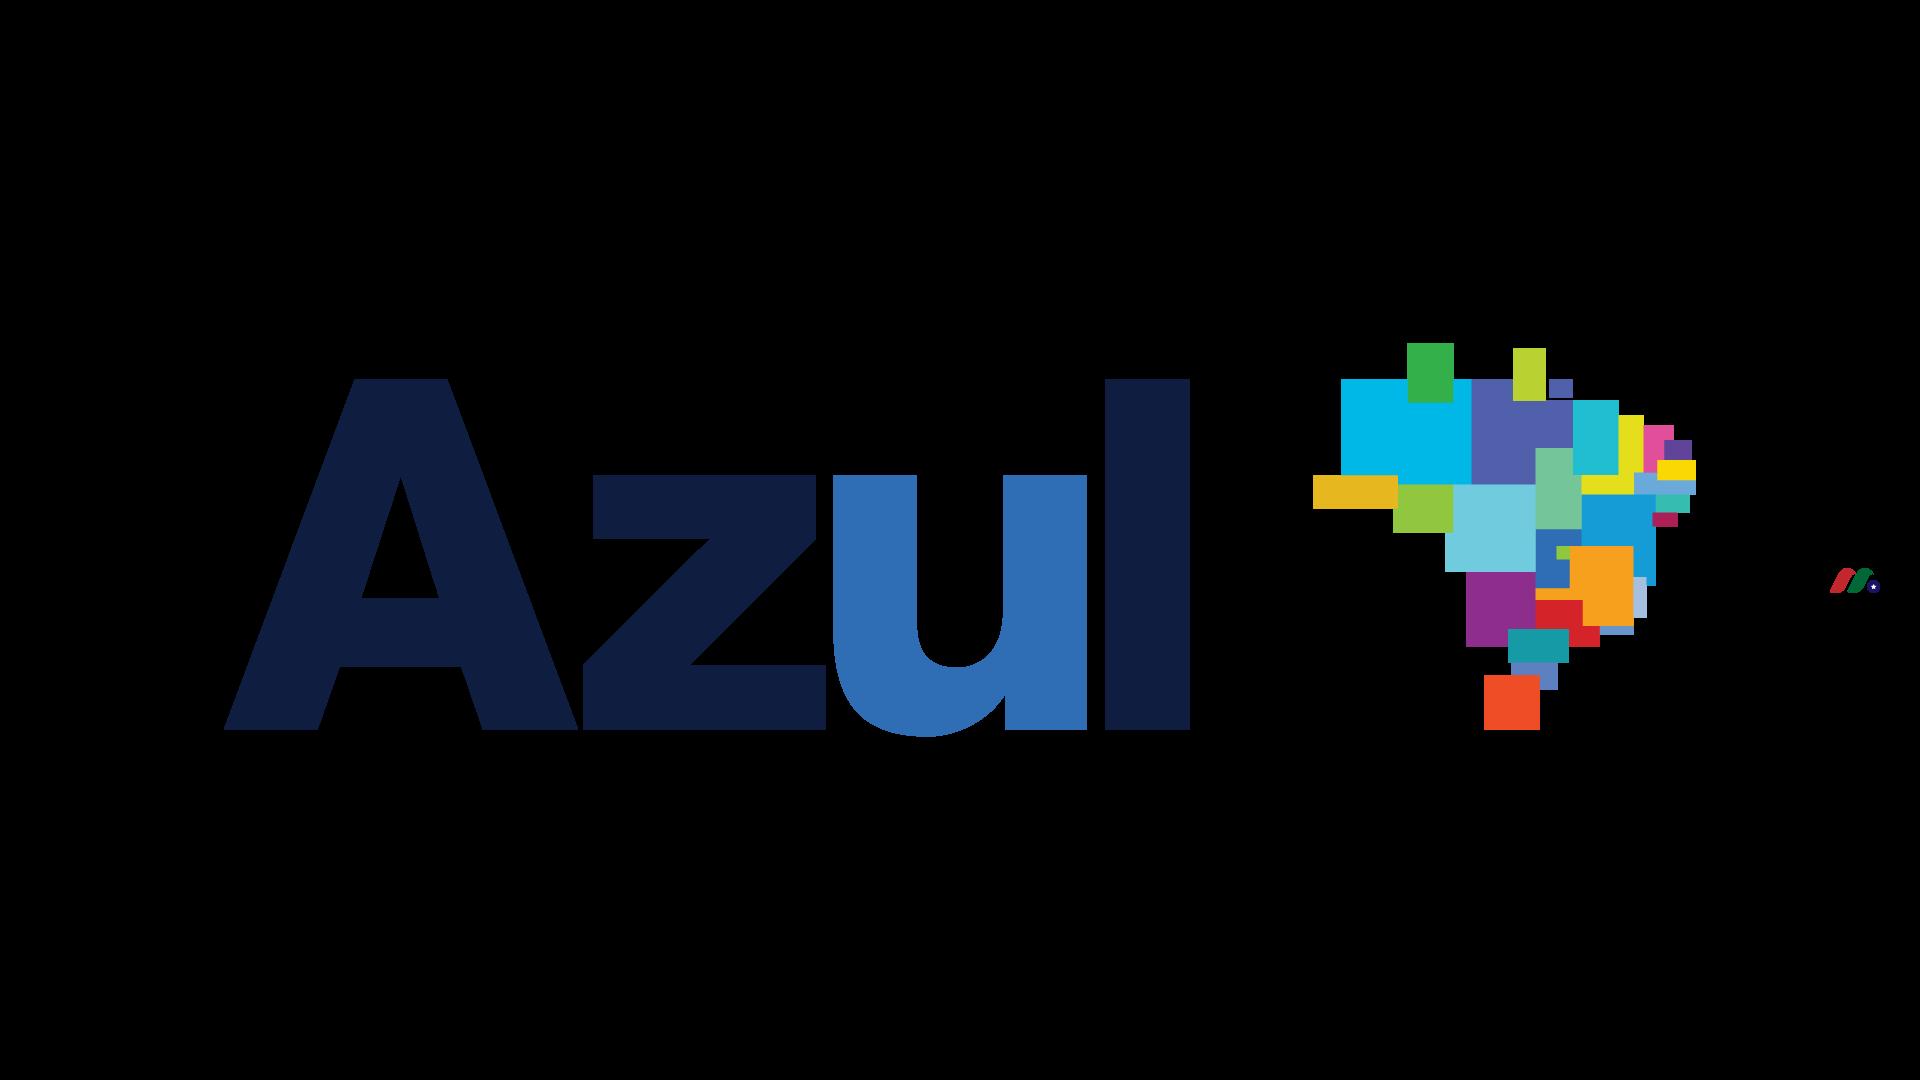 巴西航空客运及货运公司:Azul S.A.(AZUL)